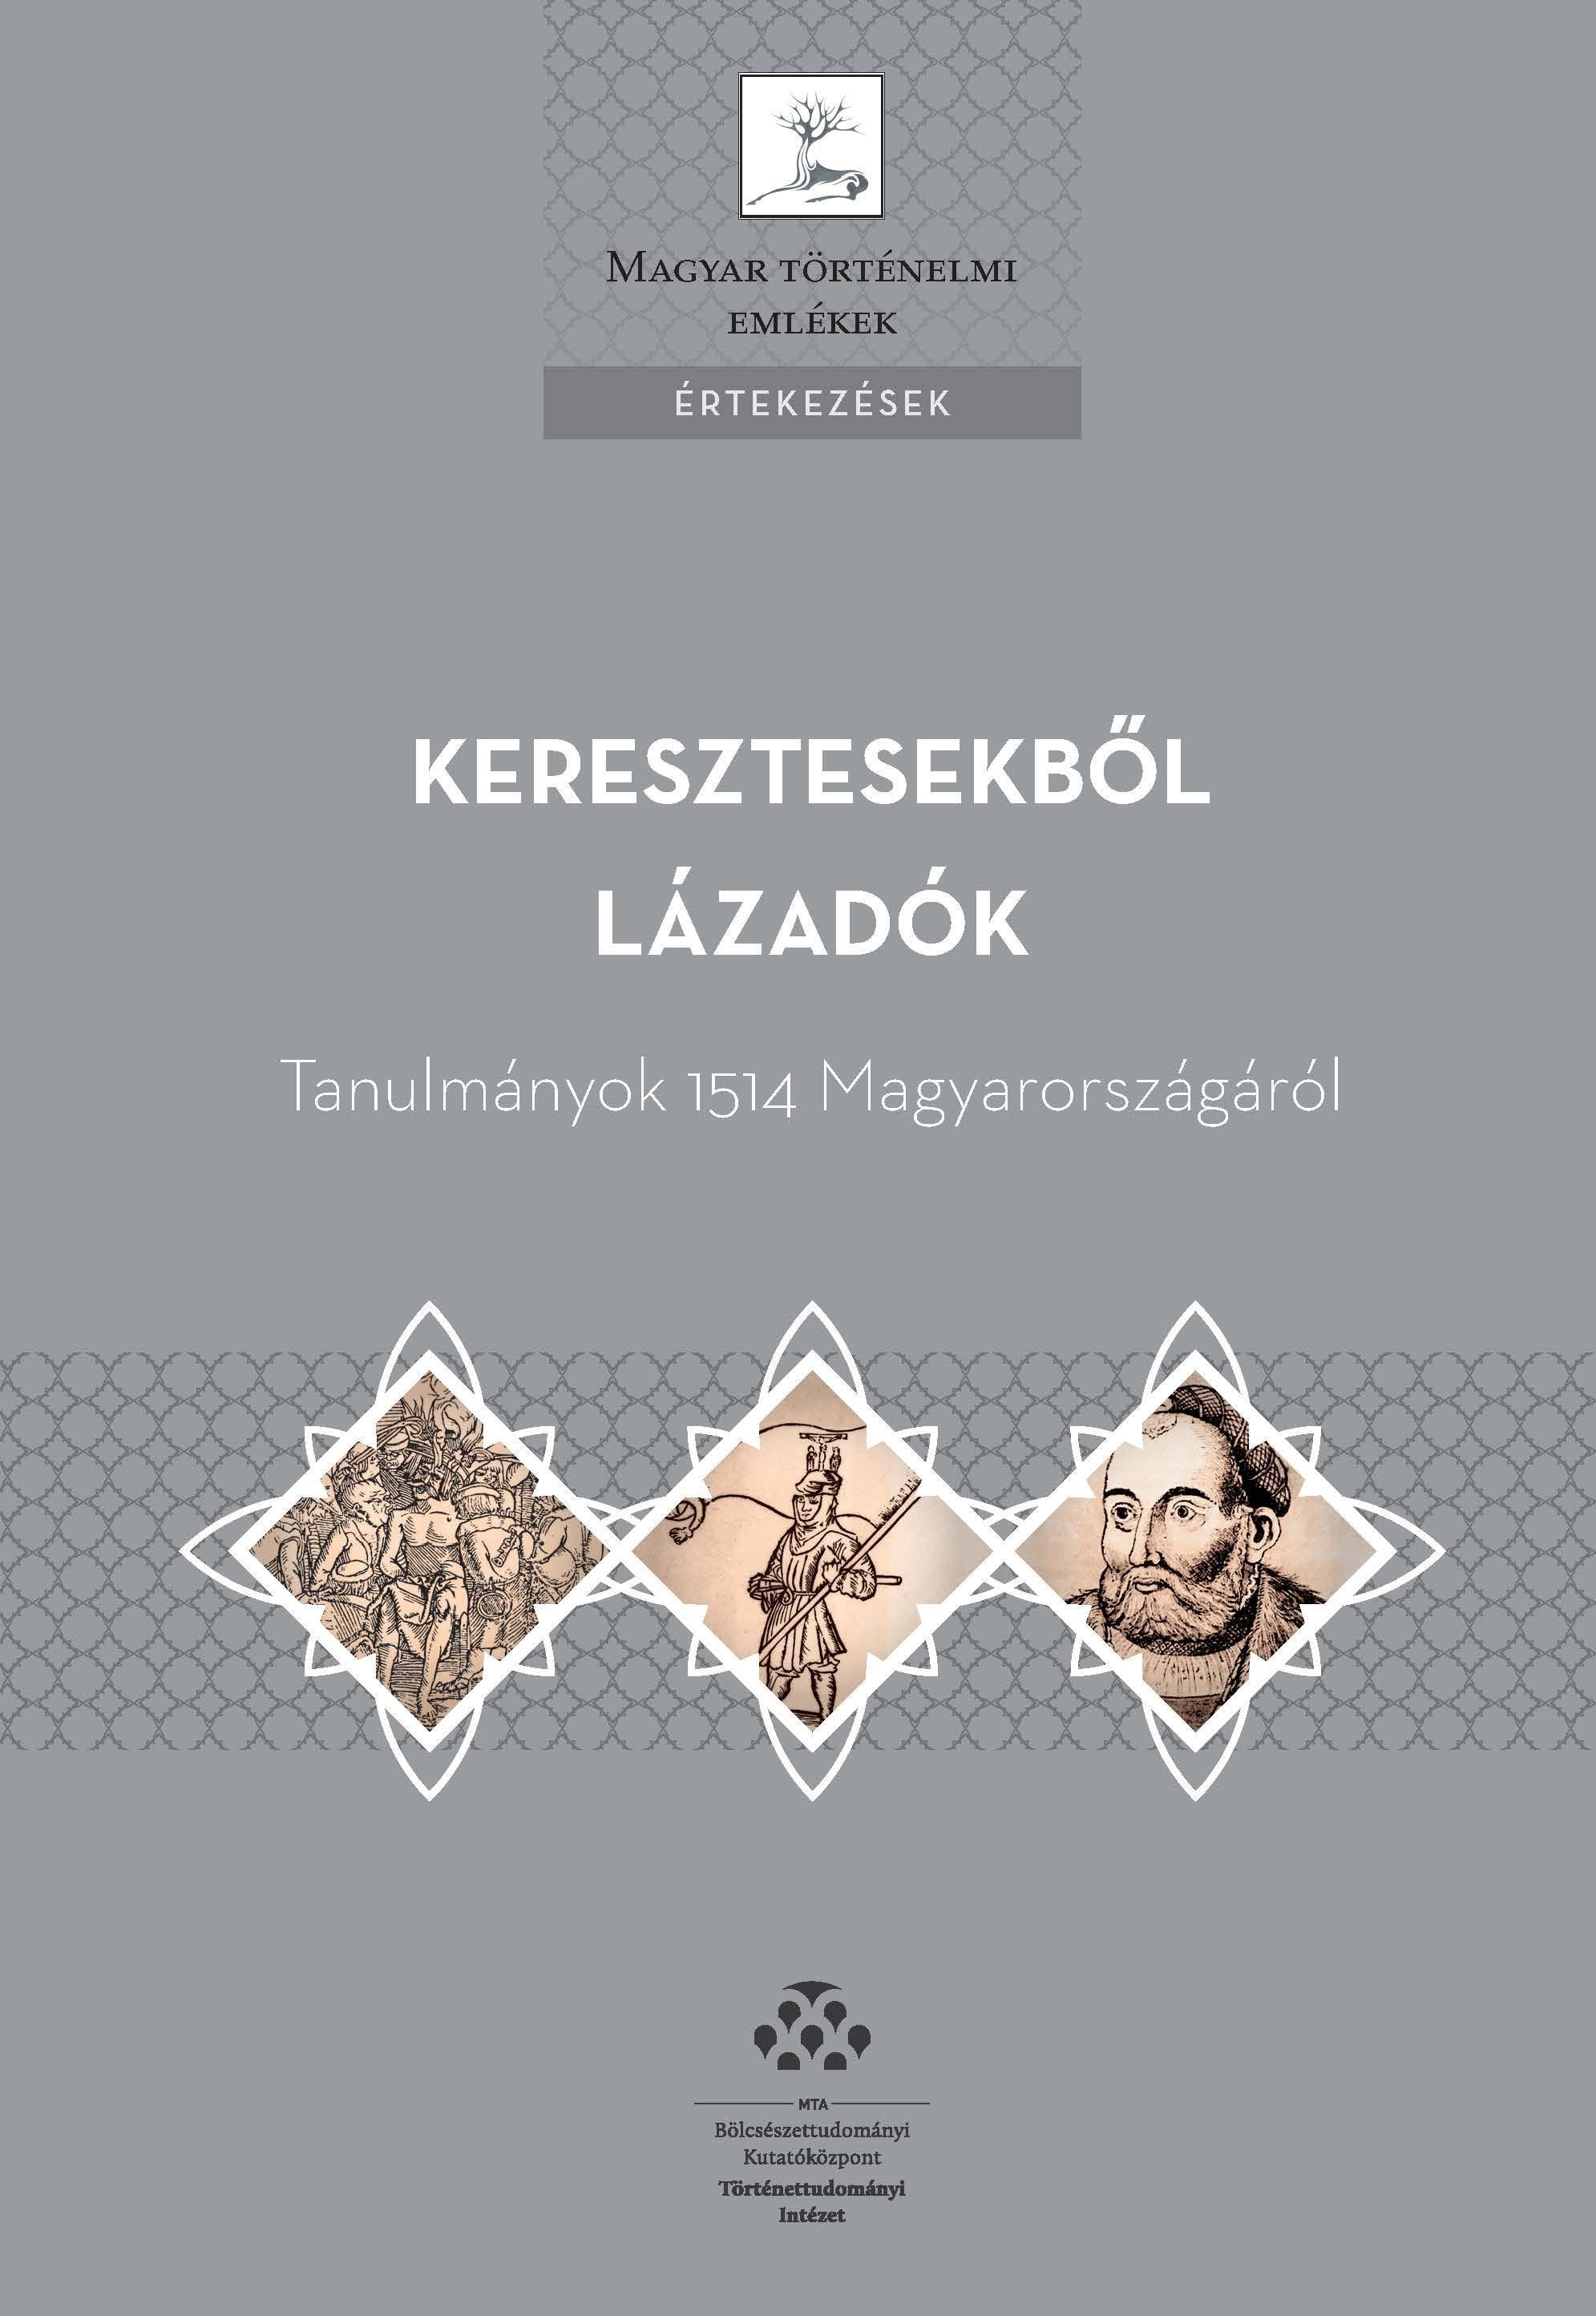 KERESZTESEKBŐL LÁZADÓK - TANULMÁNYOK 1514 MAGYARORSZÁGÁRÓL